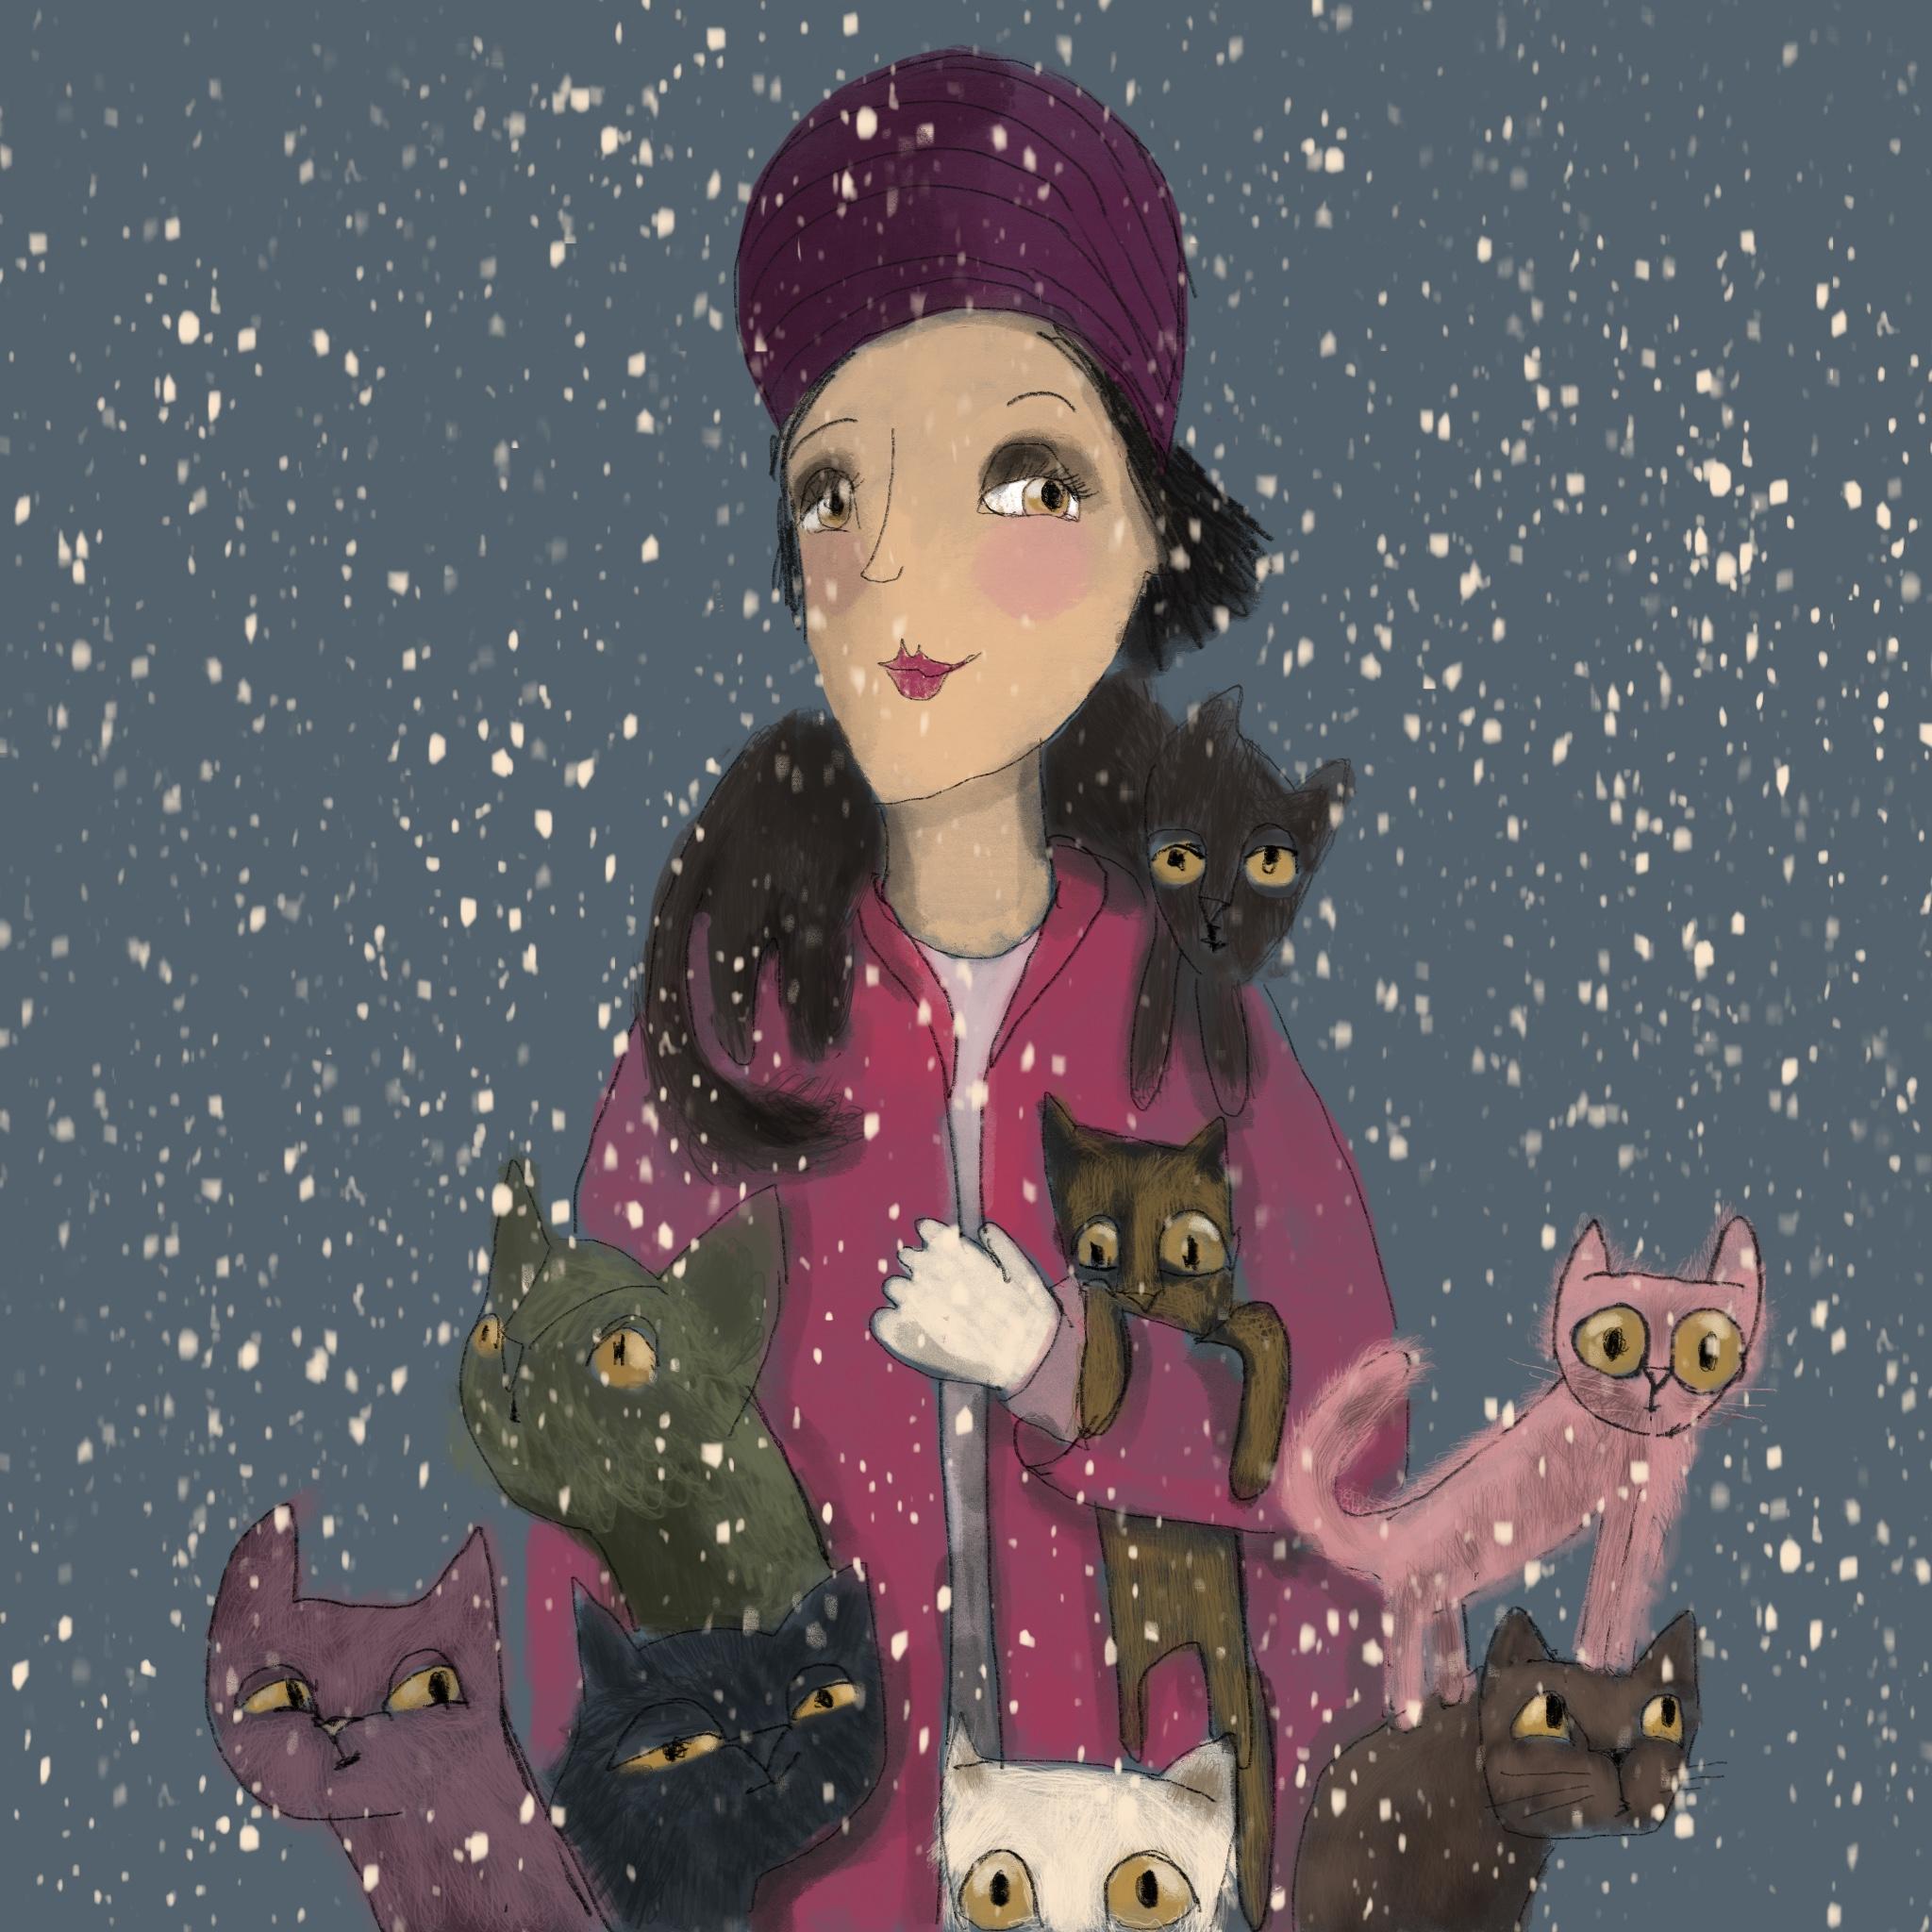 lovely cat lady